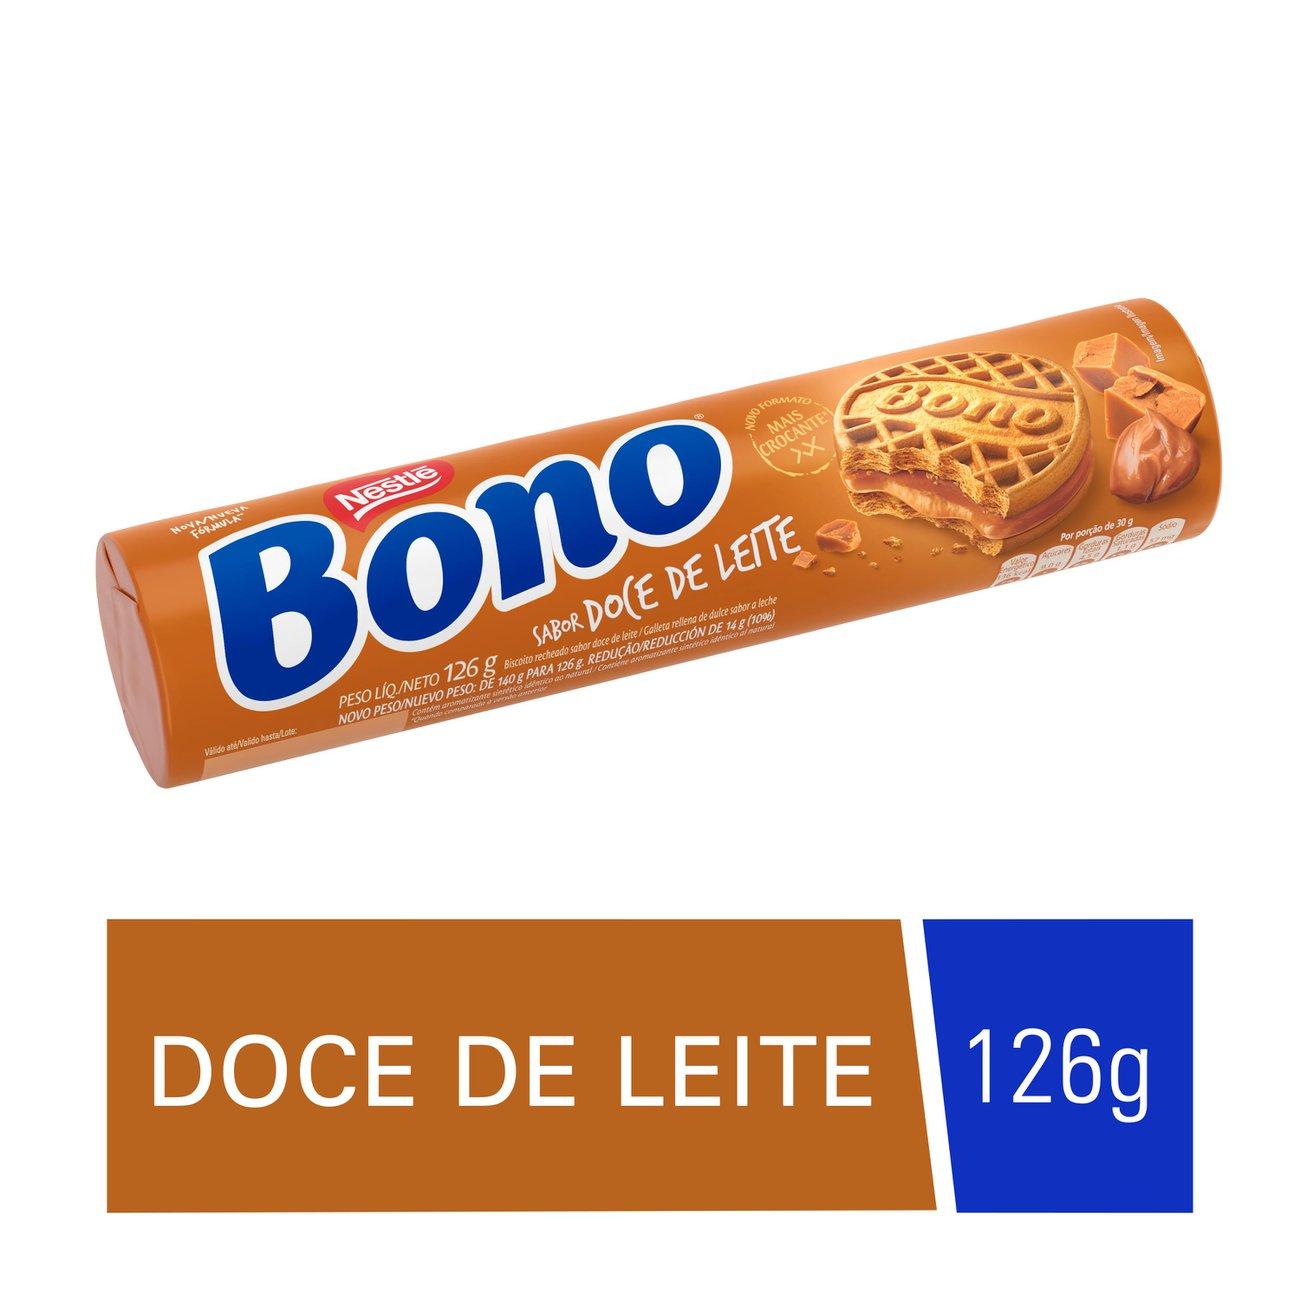 Biscoito Recheado Bono Doce de Leite 126g